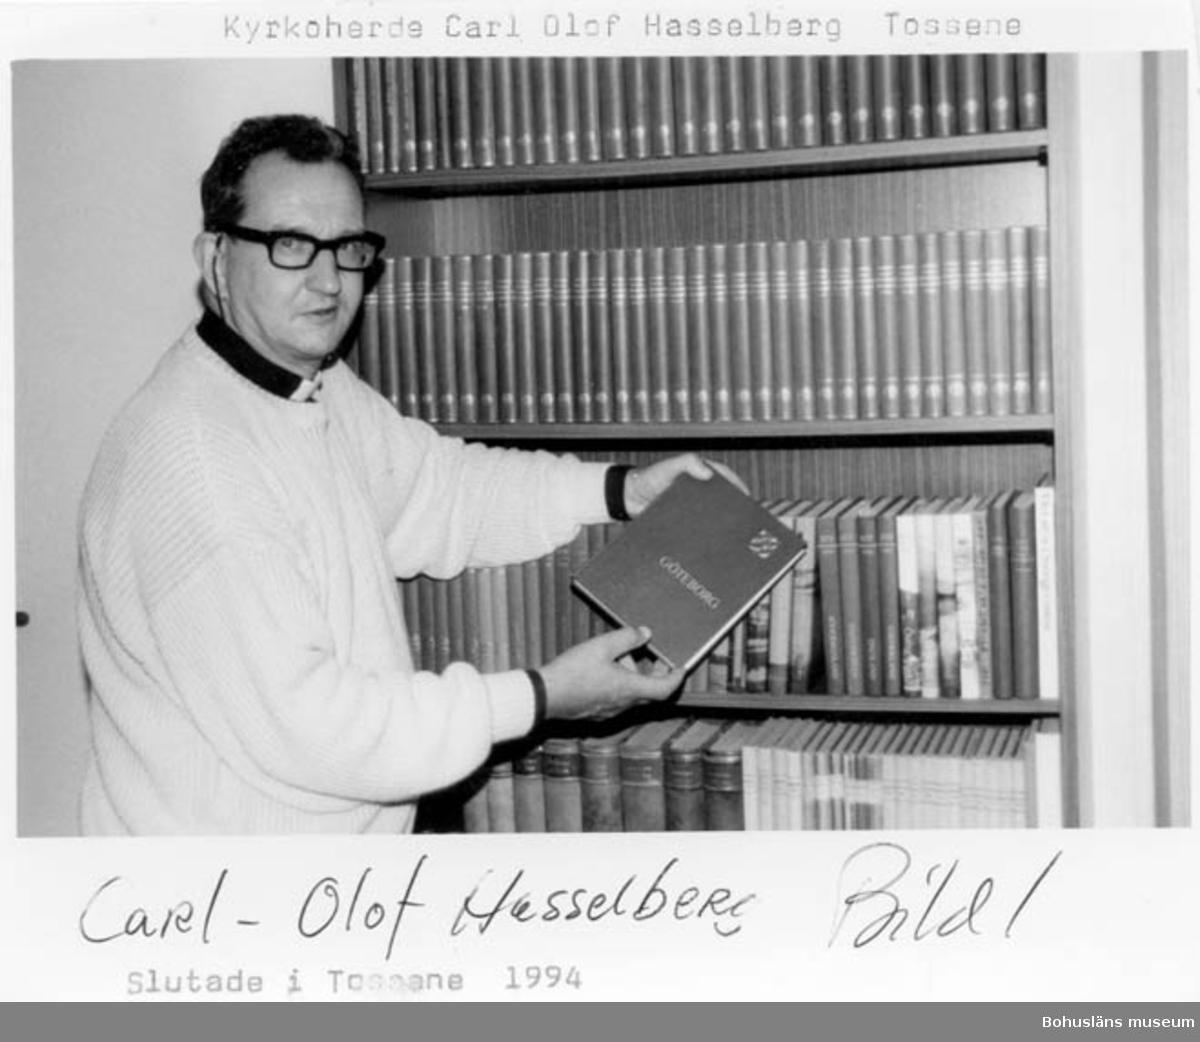 """Enligt text på fotot: """"Kyrkoherde Carl-Olof Hasselberg slutade i Tossene 1994""""."""